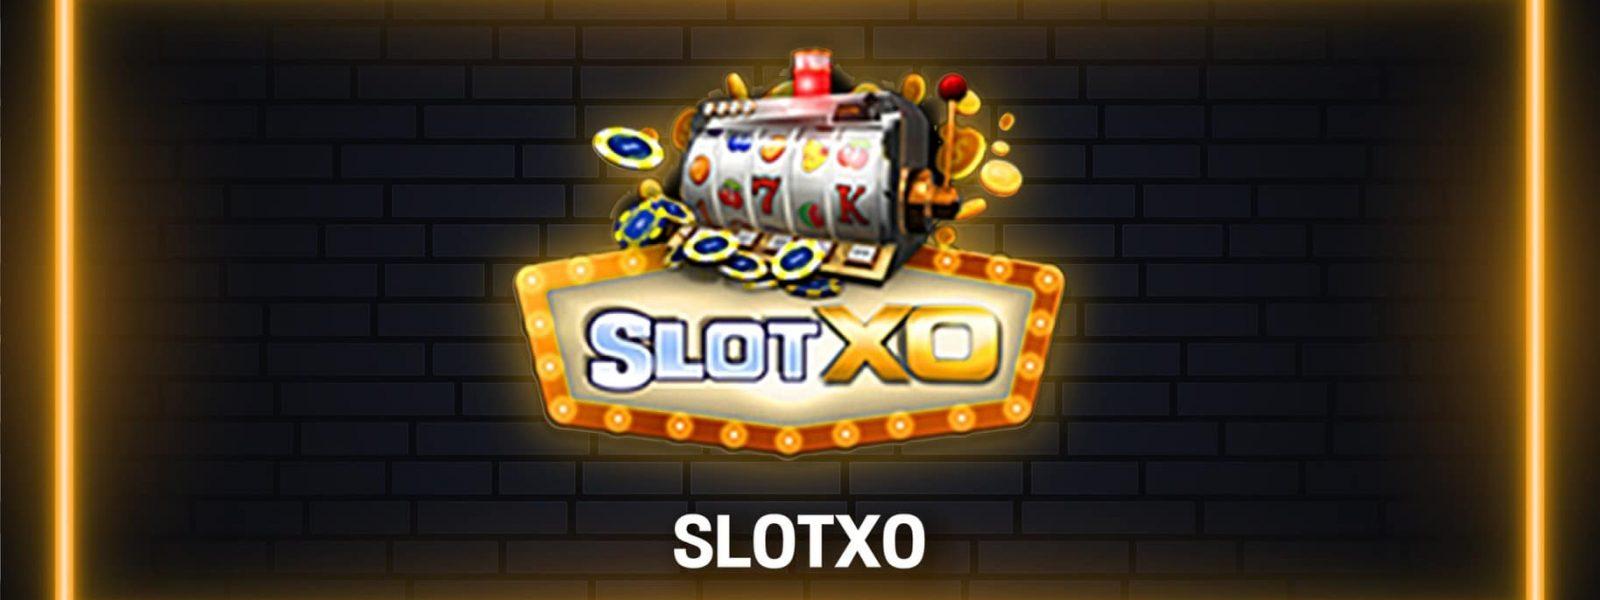 Slotxo เล่นยังไงก็รวยไม่มีมโนเเน่นอน